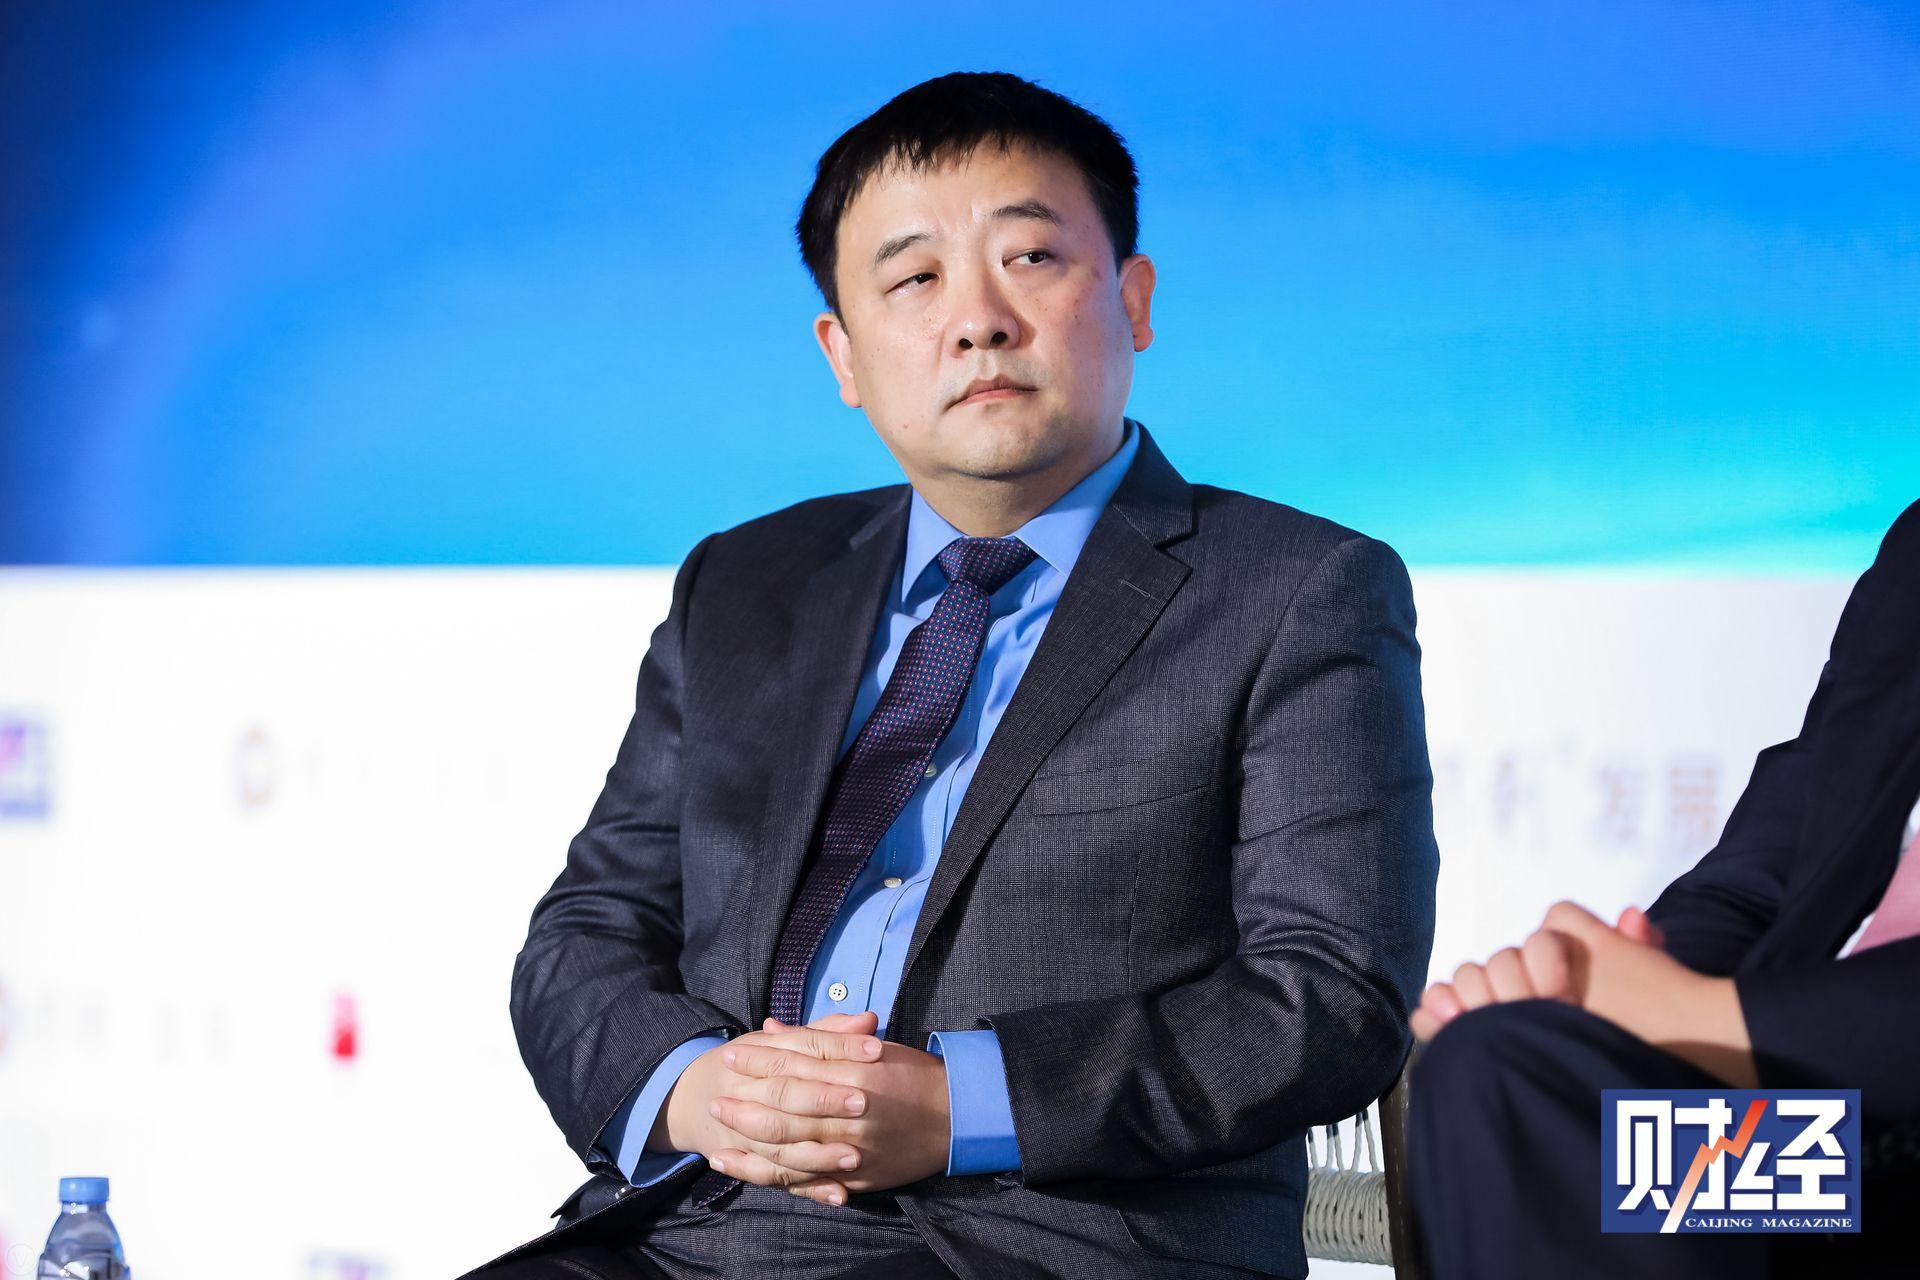 """上海纽约大学商学部主任、全球商学讲席教授陈宇新:科技发展让""""参与""""更加多元和有效"""